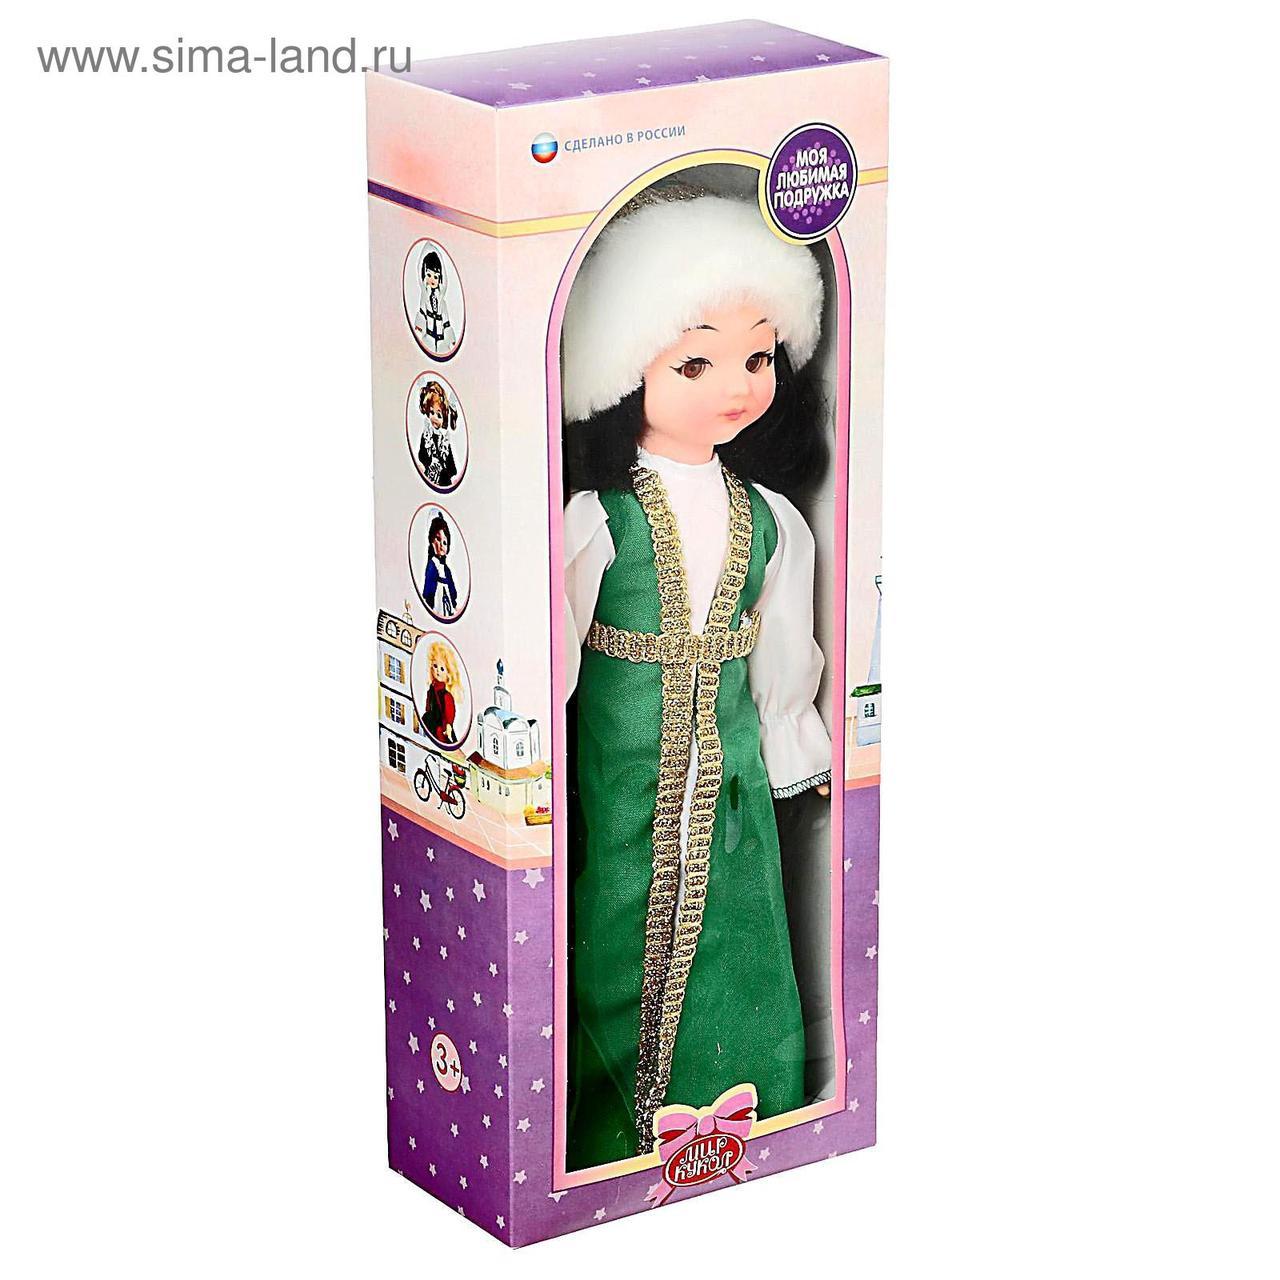 Кукла «Казашка», 45 см, цвета МИКС - фото 4